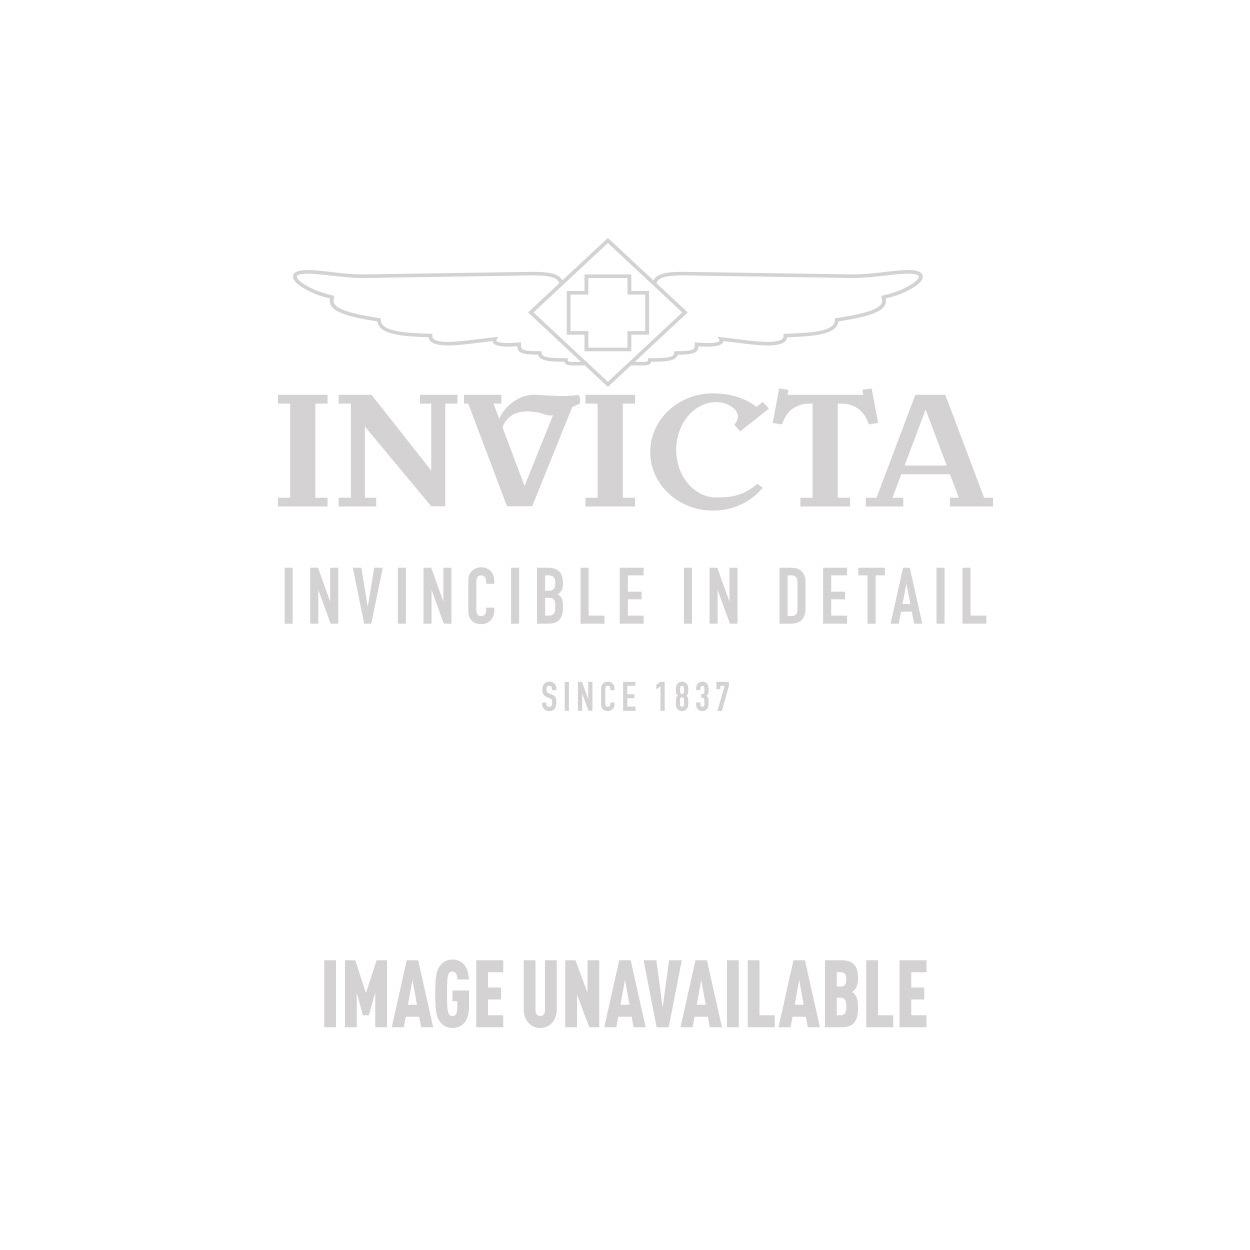 Invicta Model 27407